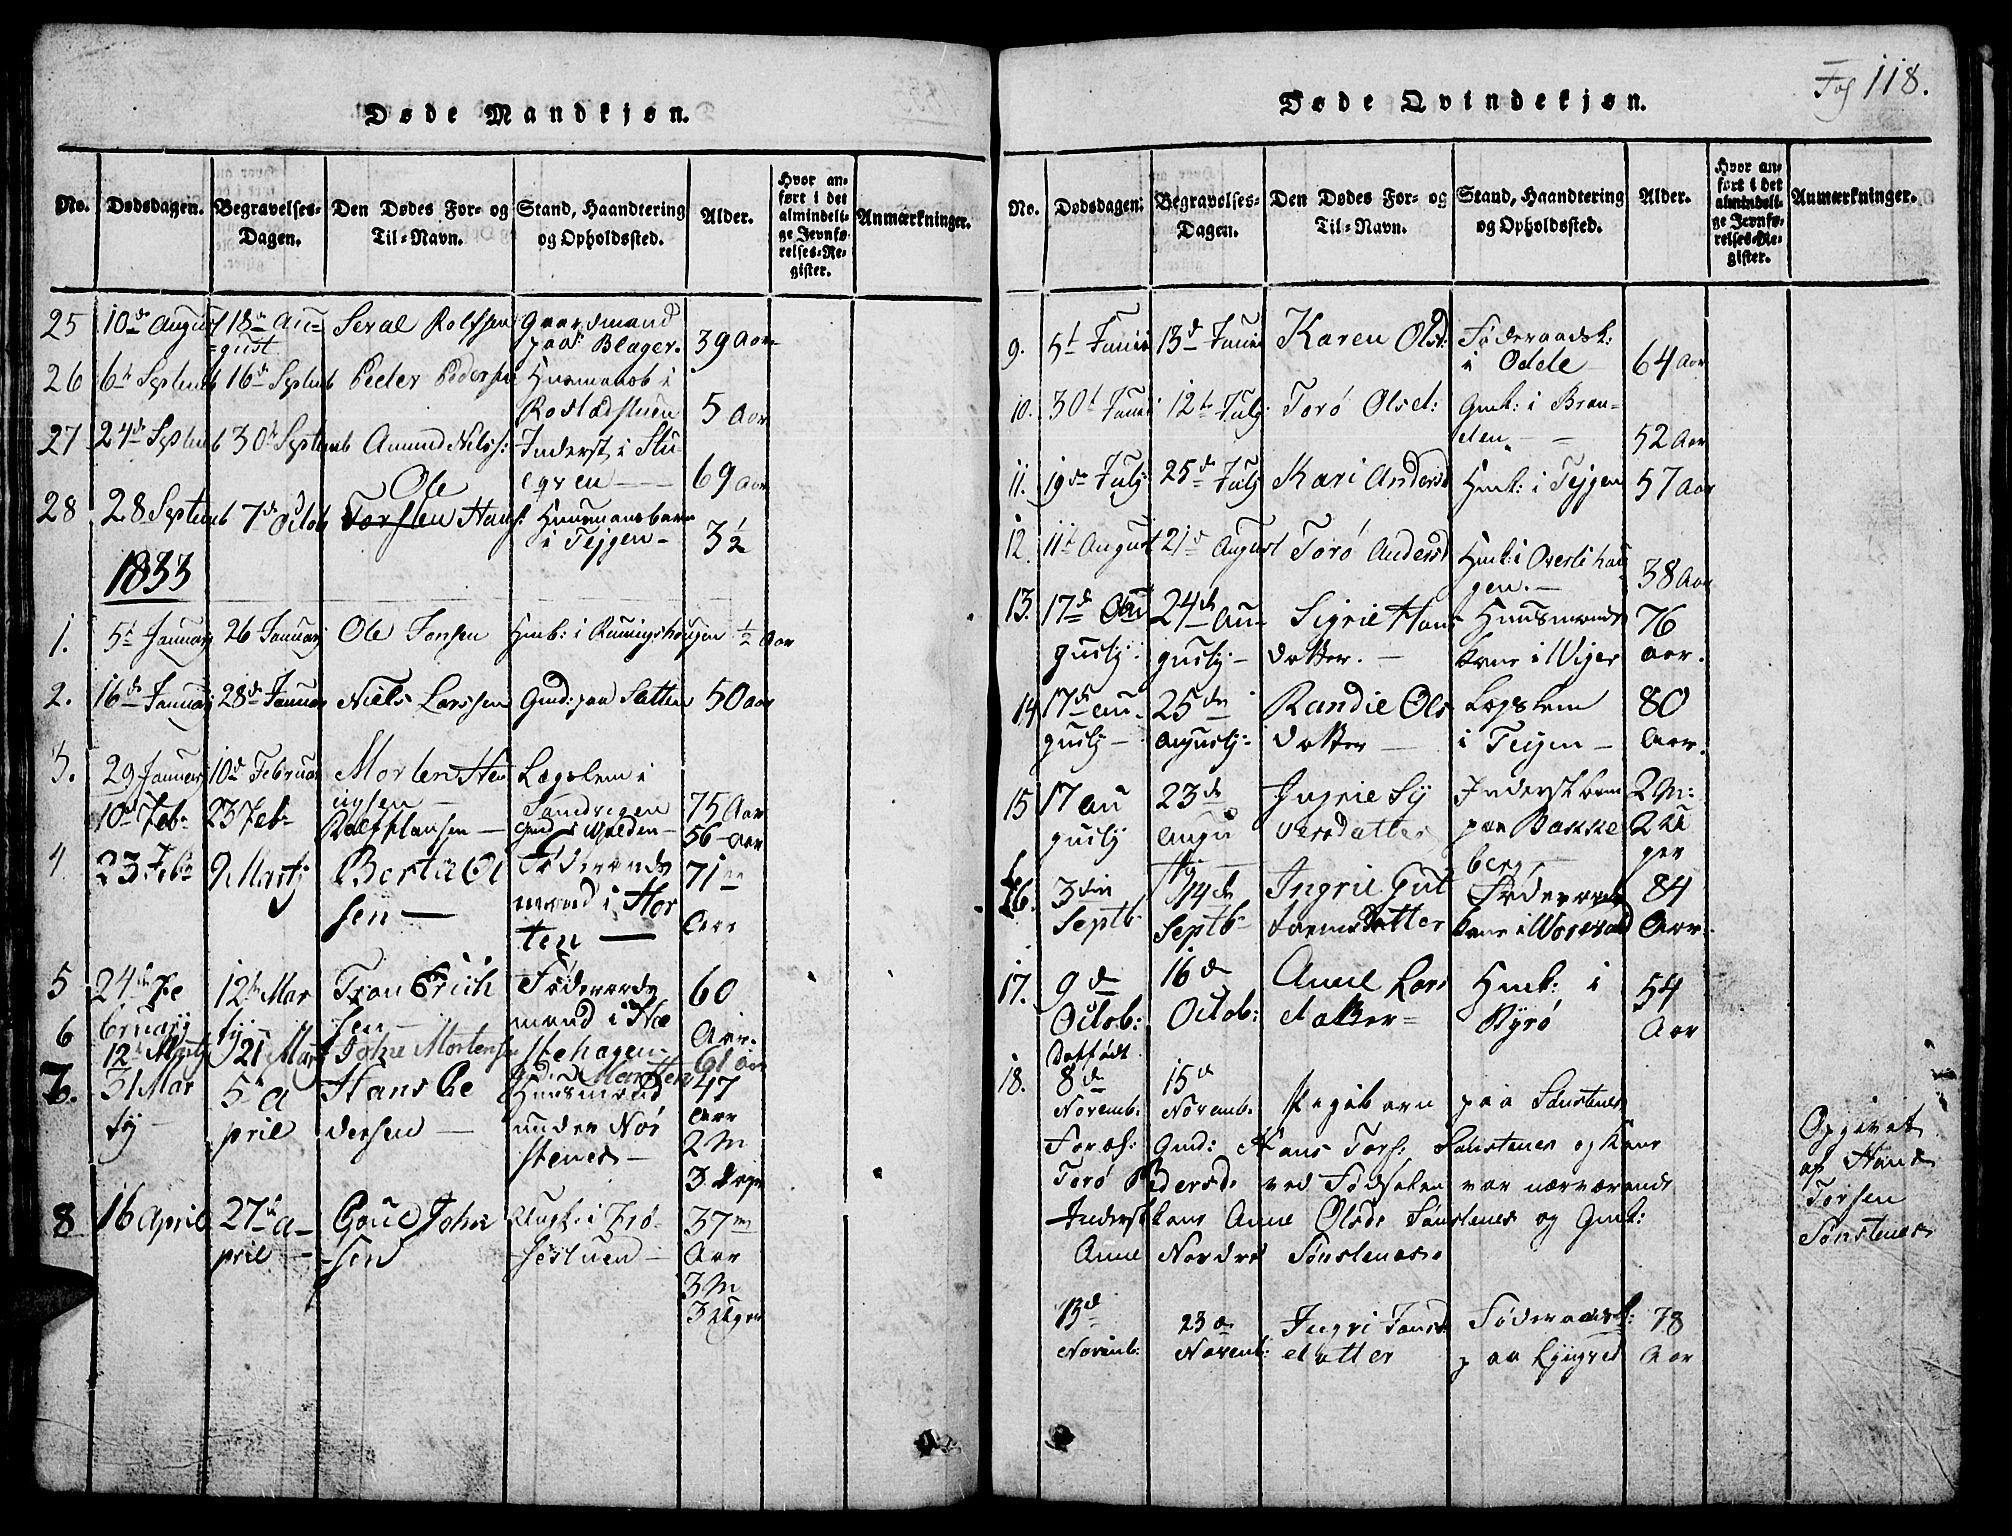 SAH, Lom prestekontor, L/L0001: Klokkerbok nr. 1, 1815-1836, s. 118